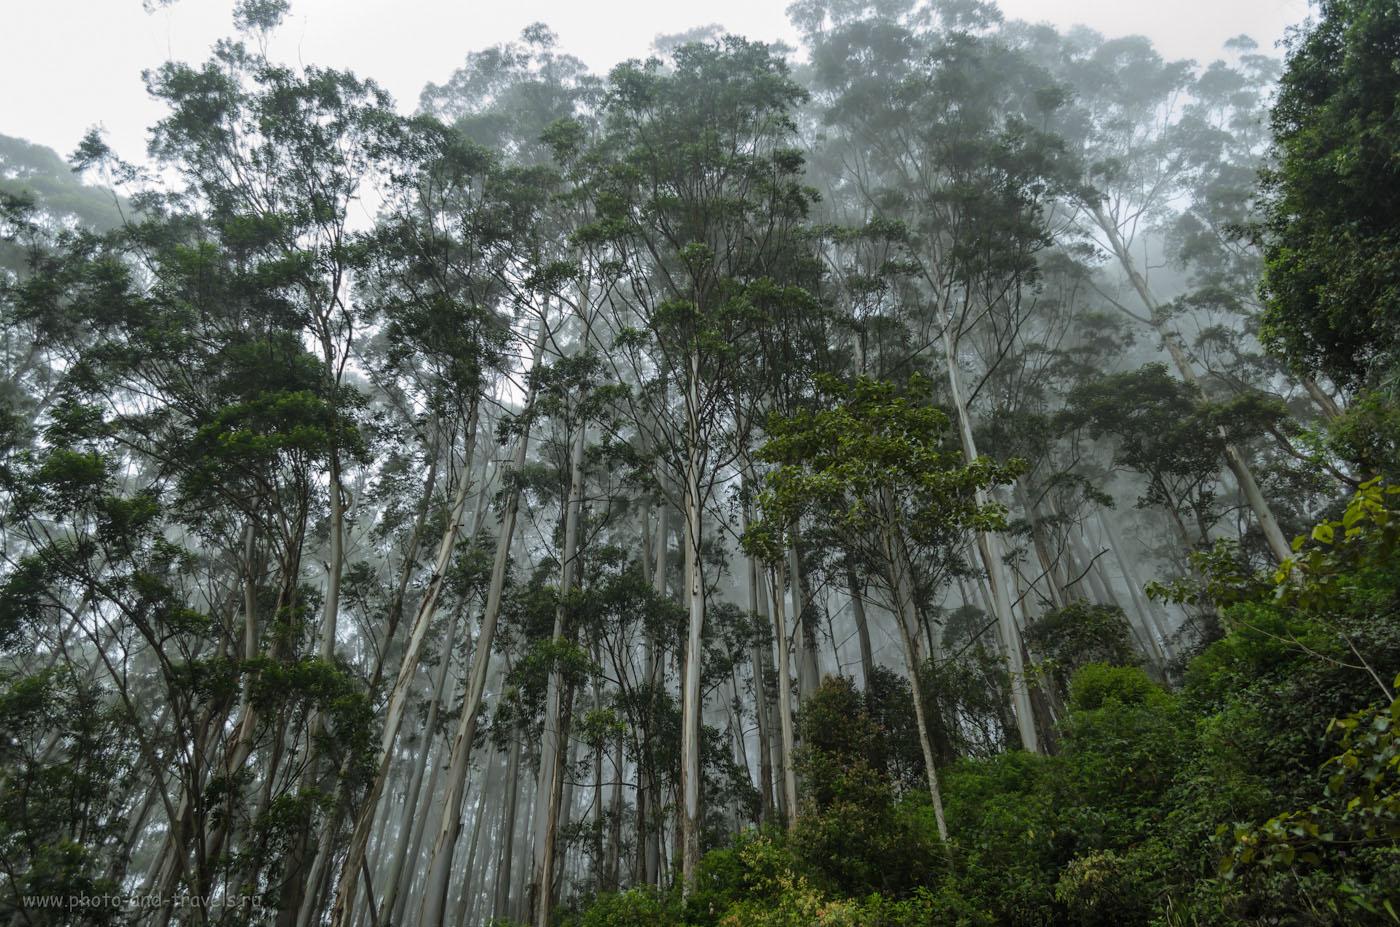 Фотография 13. Тропический лес в национальном парке Хортон Плейнс на Шри-Ланке. Думаю, немногие туристы попадали именно в него. Обычно все идут по тропе через плоскогорье к смотровой площадке